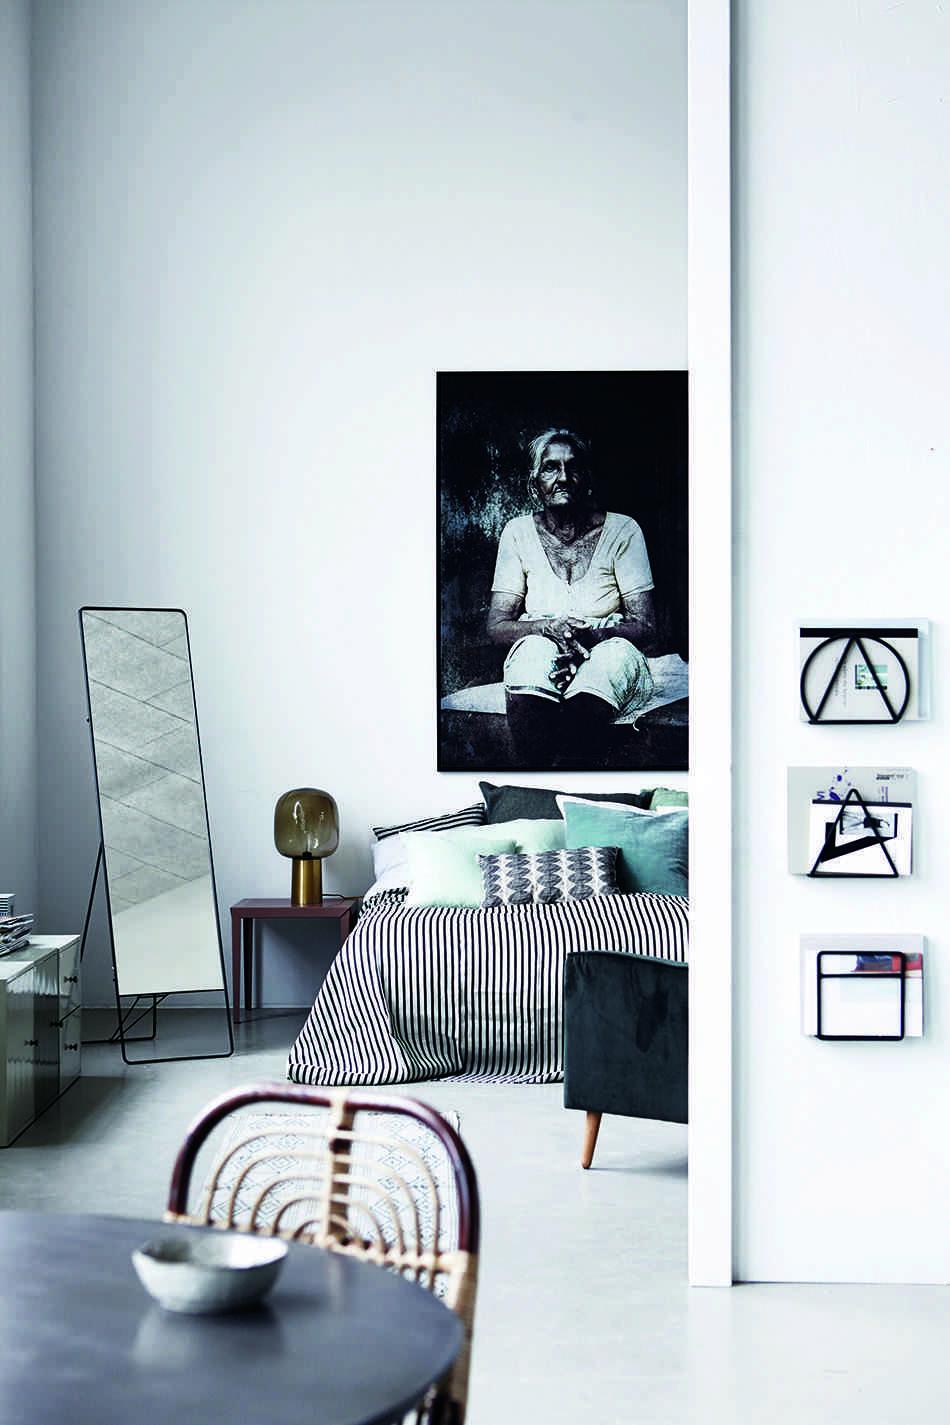 dormitorio de estilo nordico housedoctor cuadro